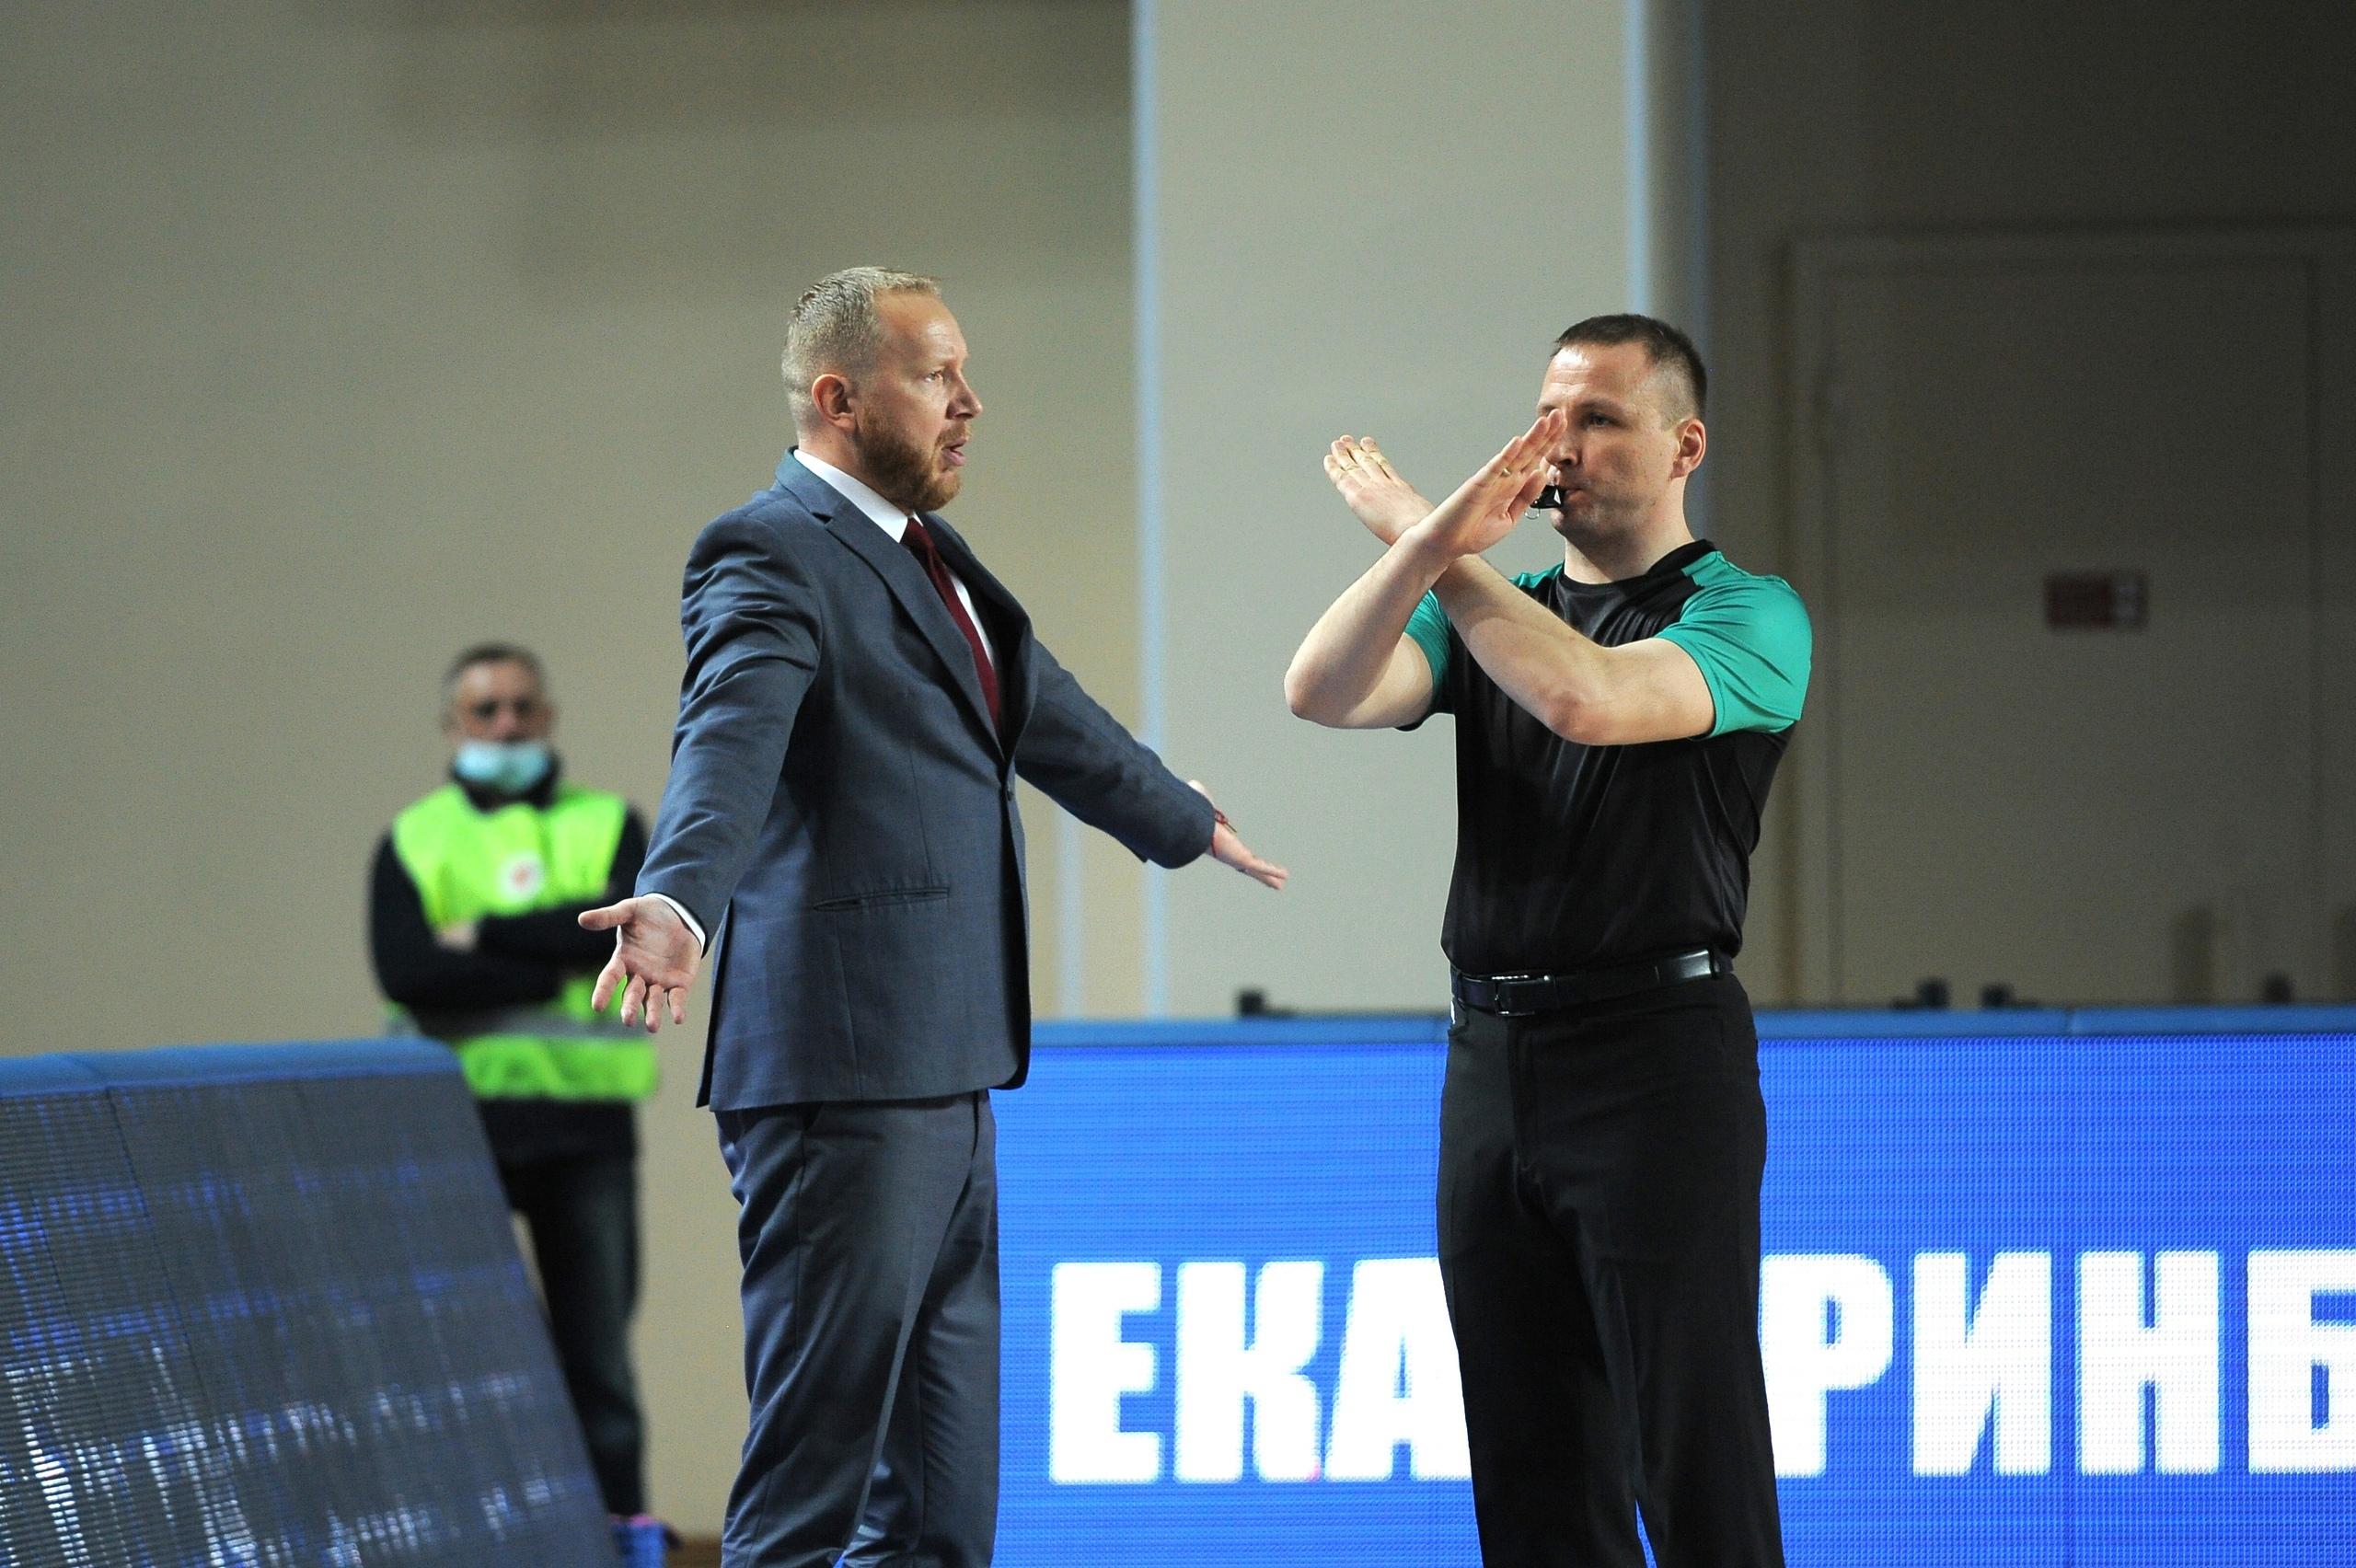 Сенсация в четвертьфинале и будничные победы УГМК и «Динамо». Главные события плей-офф Премьер-лиги накануне ее развязки